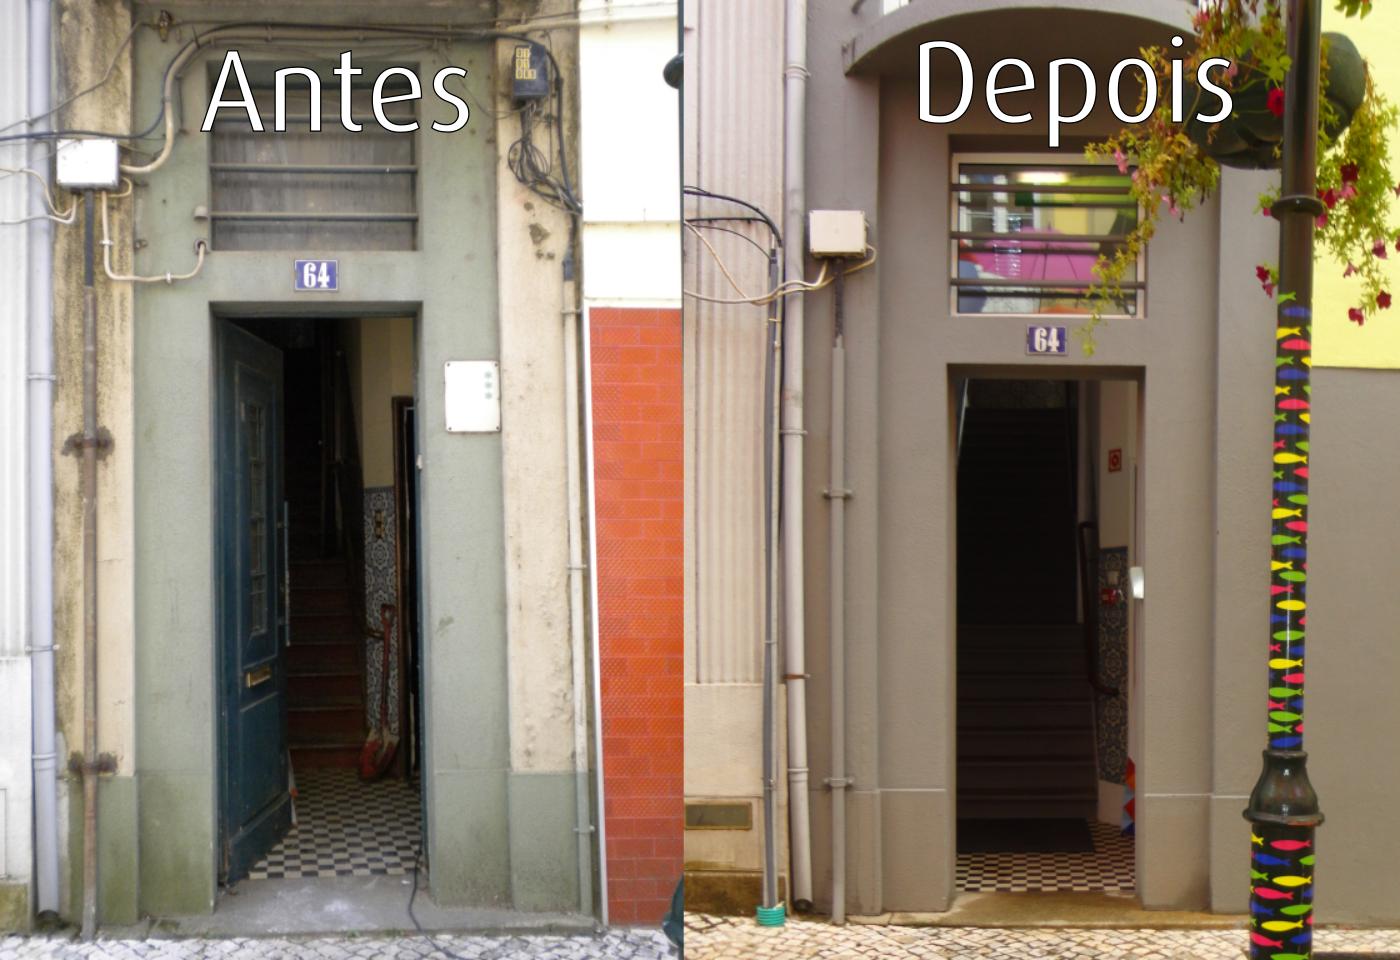 CENTRO 2020 prolonga o programa que apoia municípios a reabilitar edifícios sociais